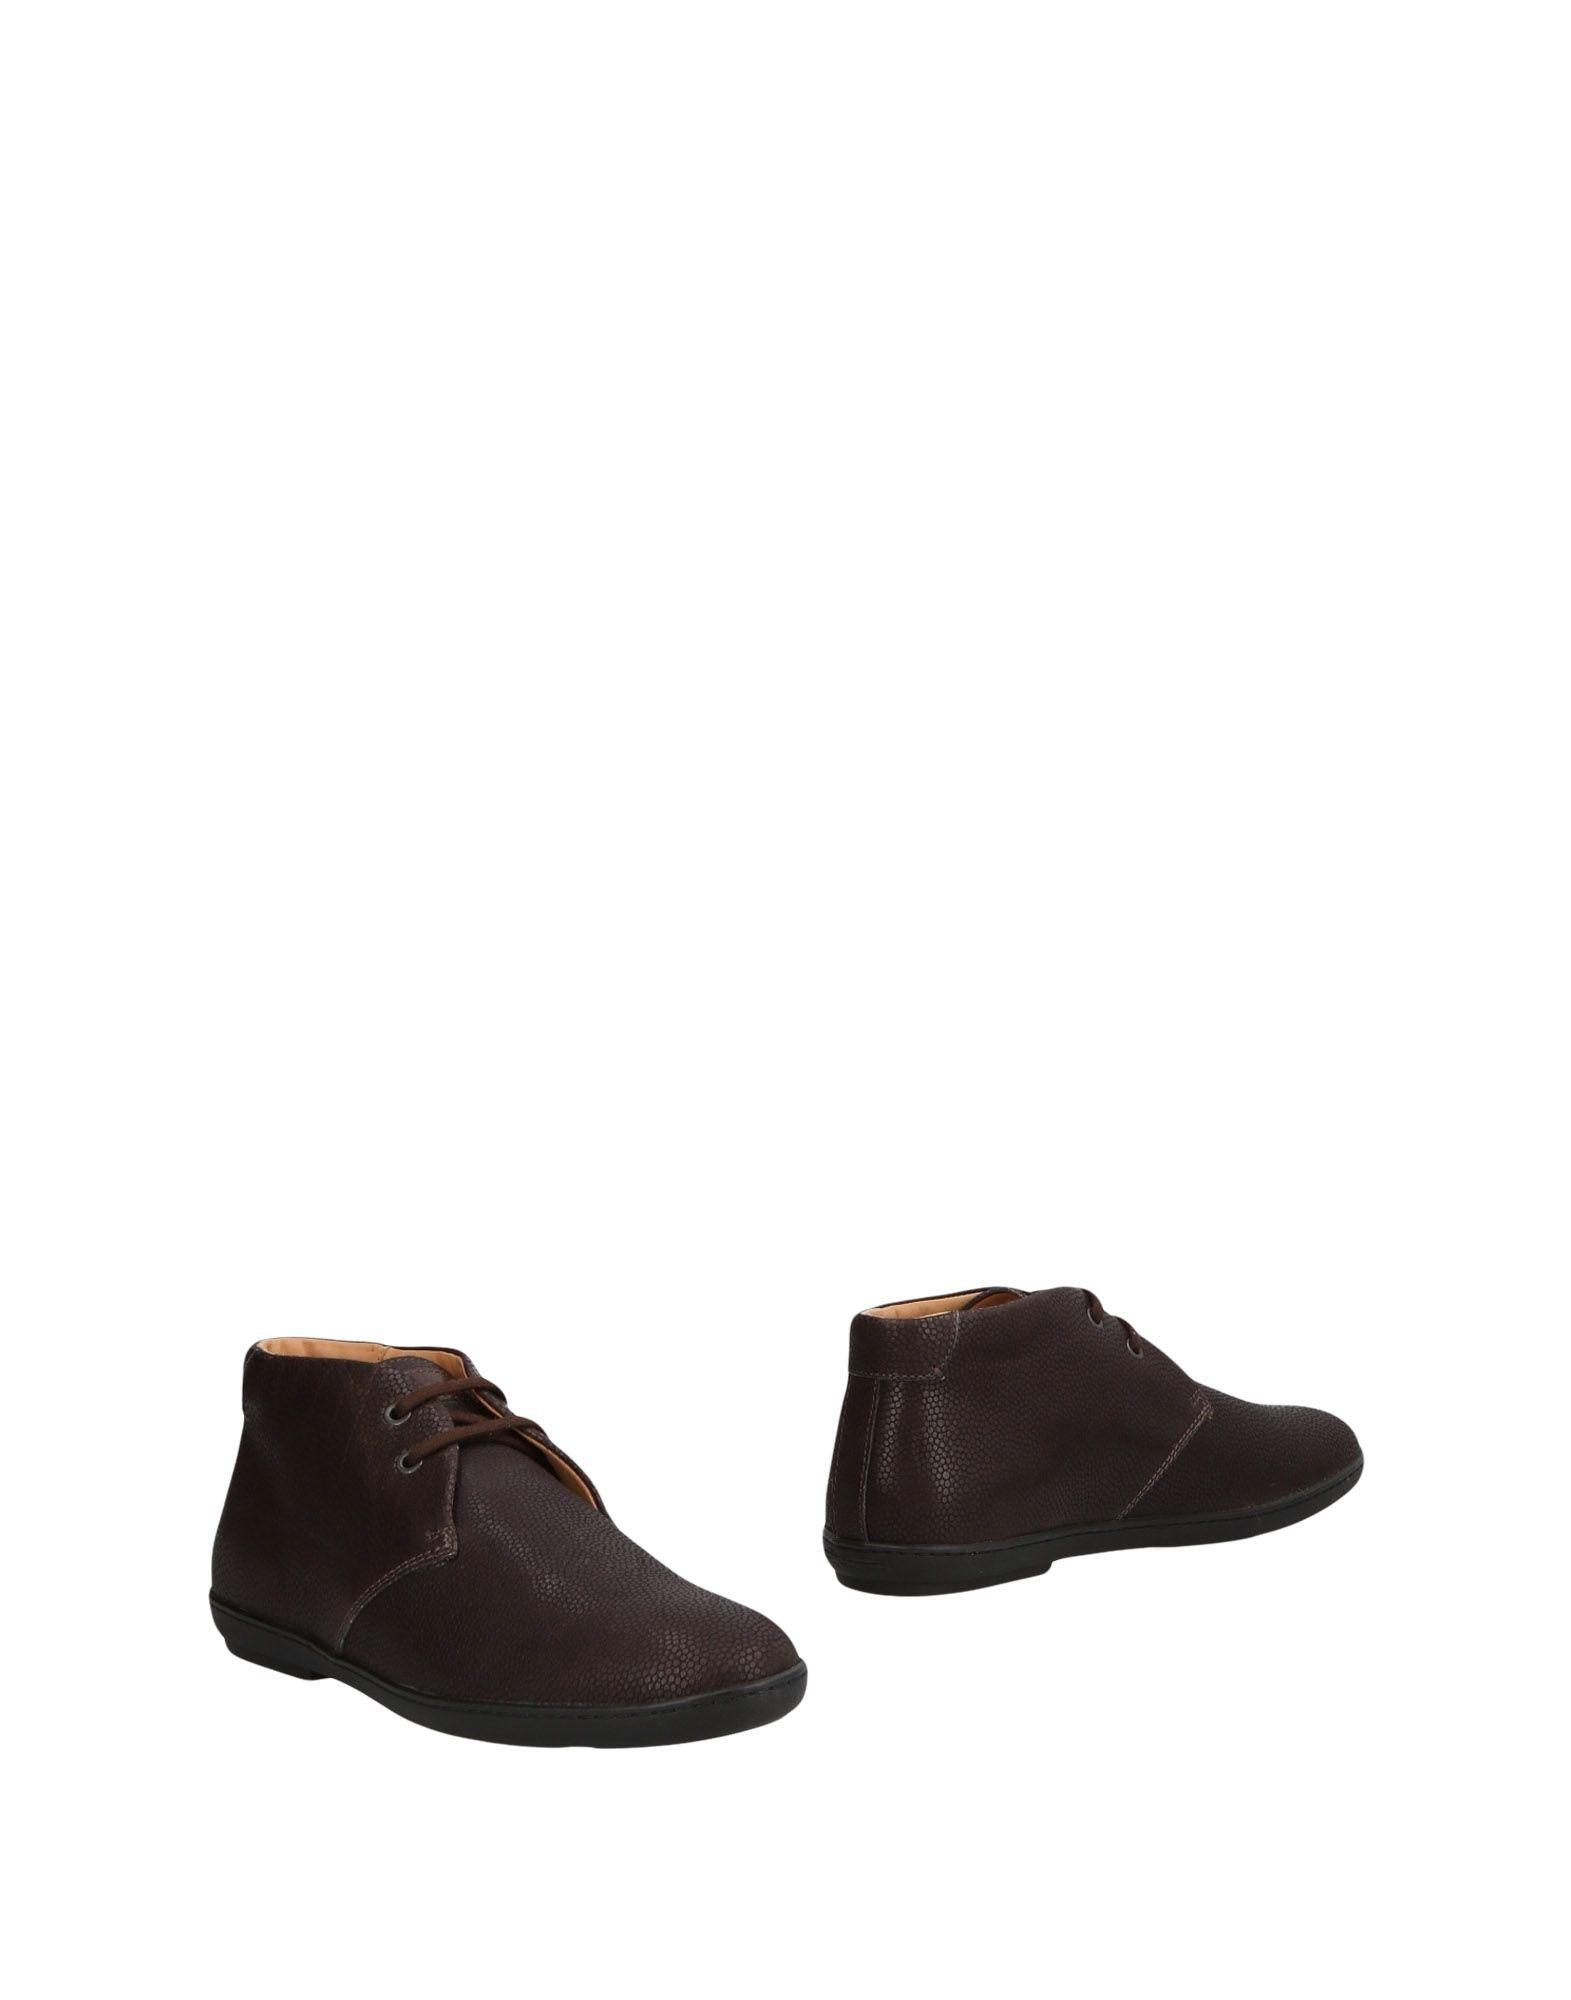 Santoni Stiefelette Herren  11487000KM Gute Qualität beliebte Schuhe